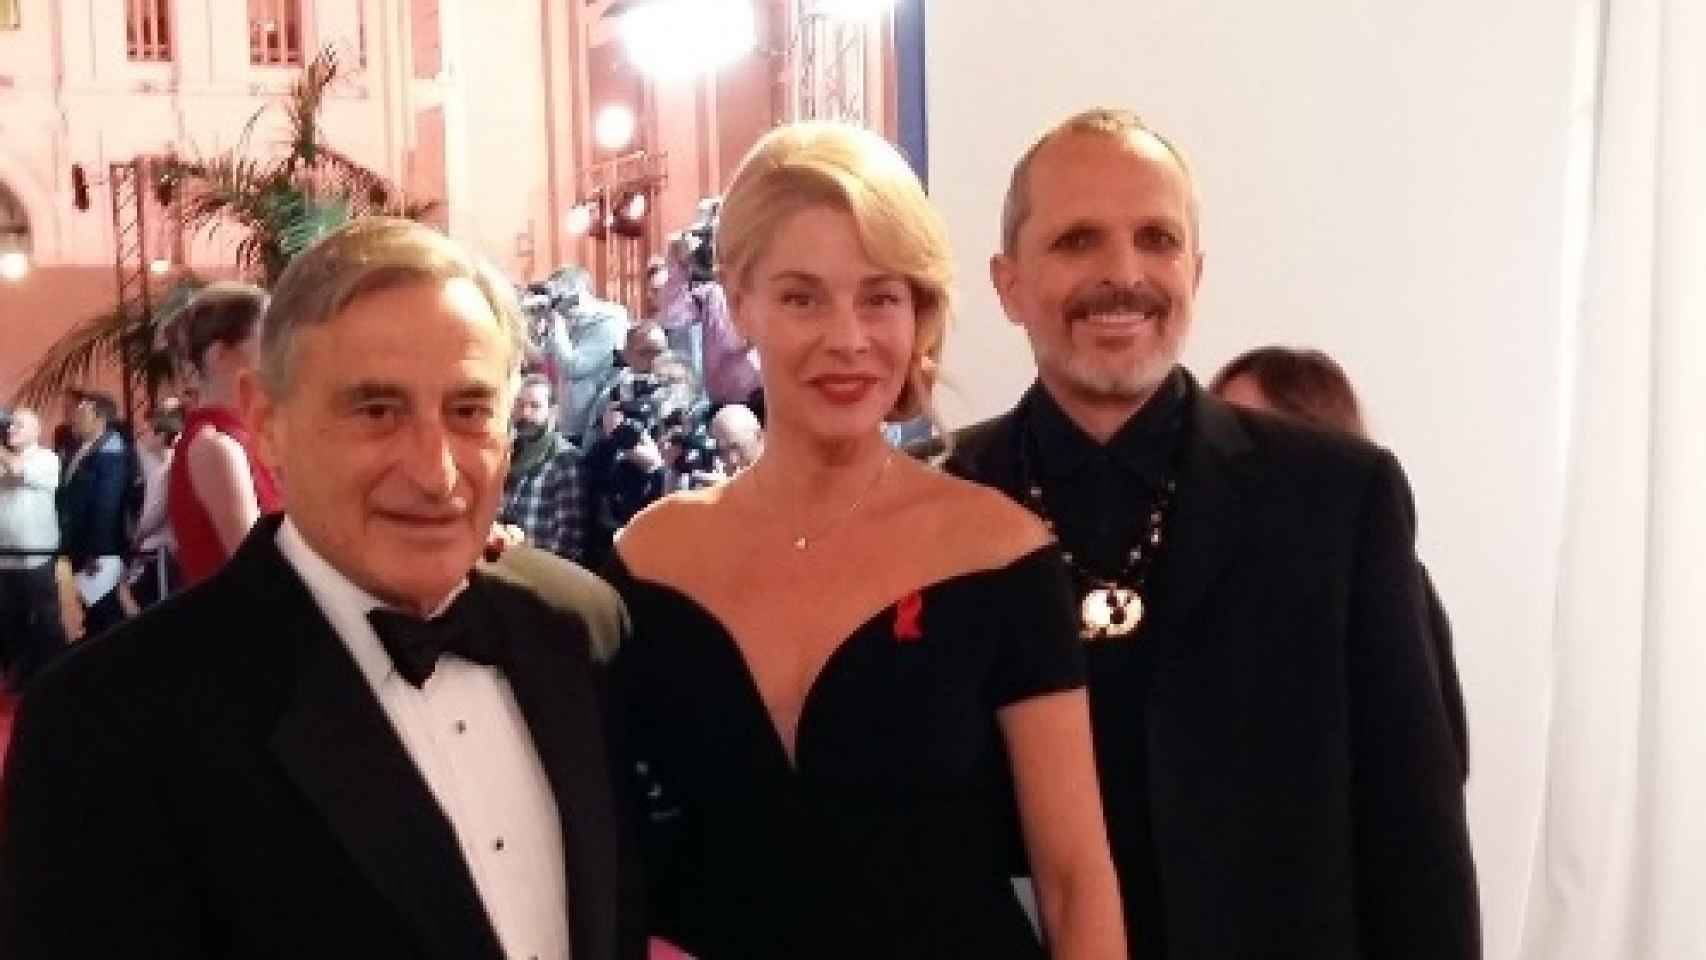 Miguel Bosé, Belén Rueda, Boris Izaguirre y el doctor Buenaventura Clotet, en la rueda de prensa de la Gala Sida.